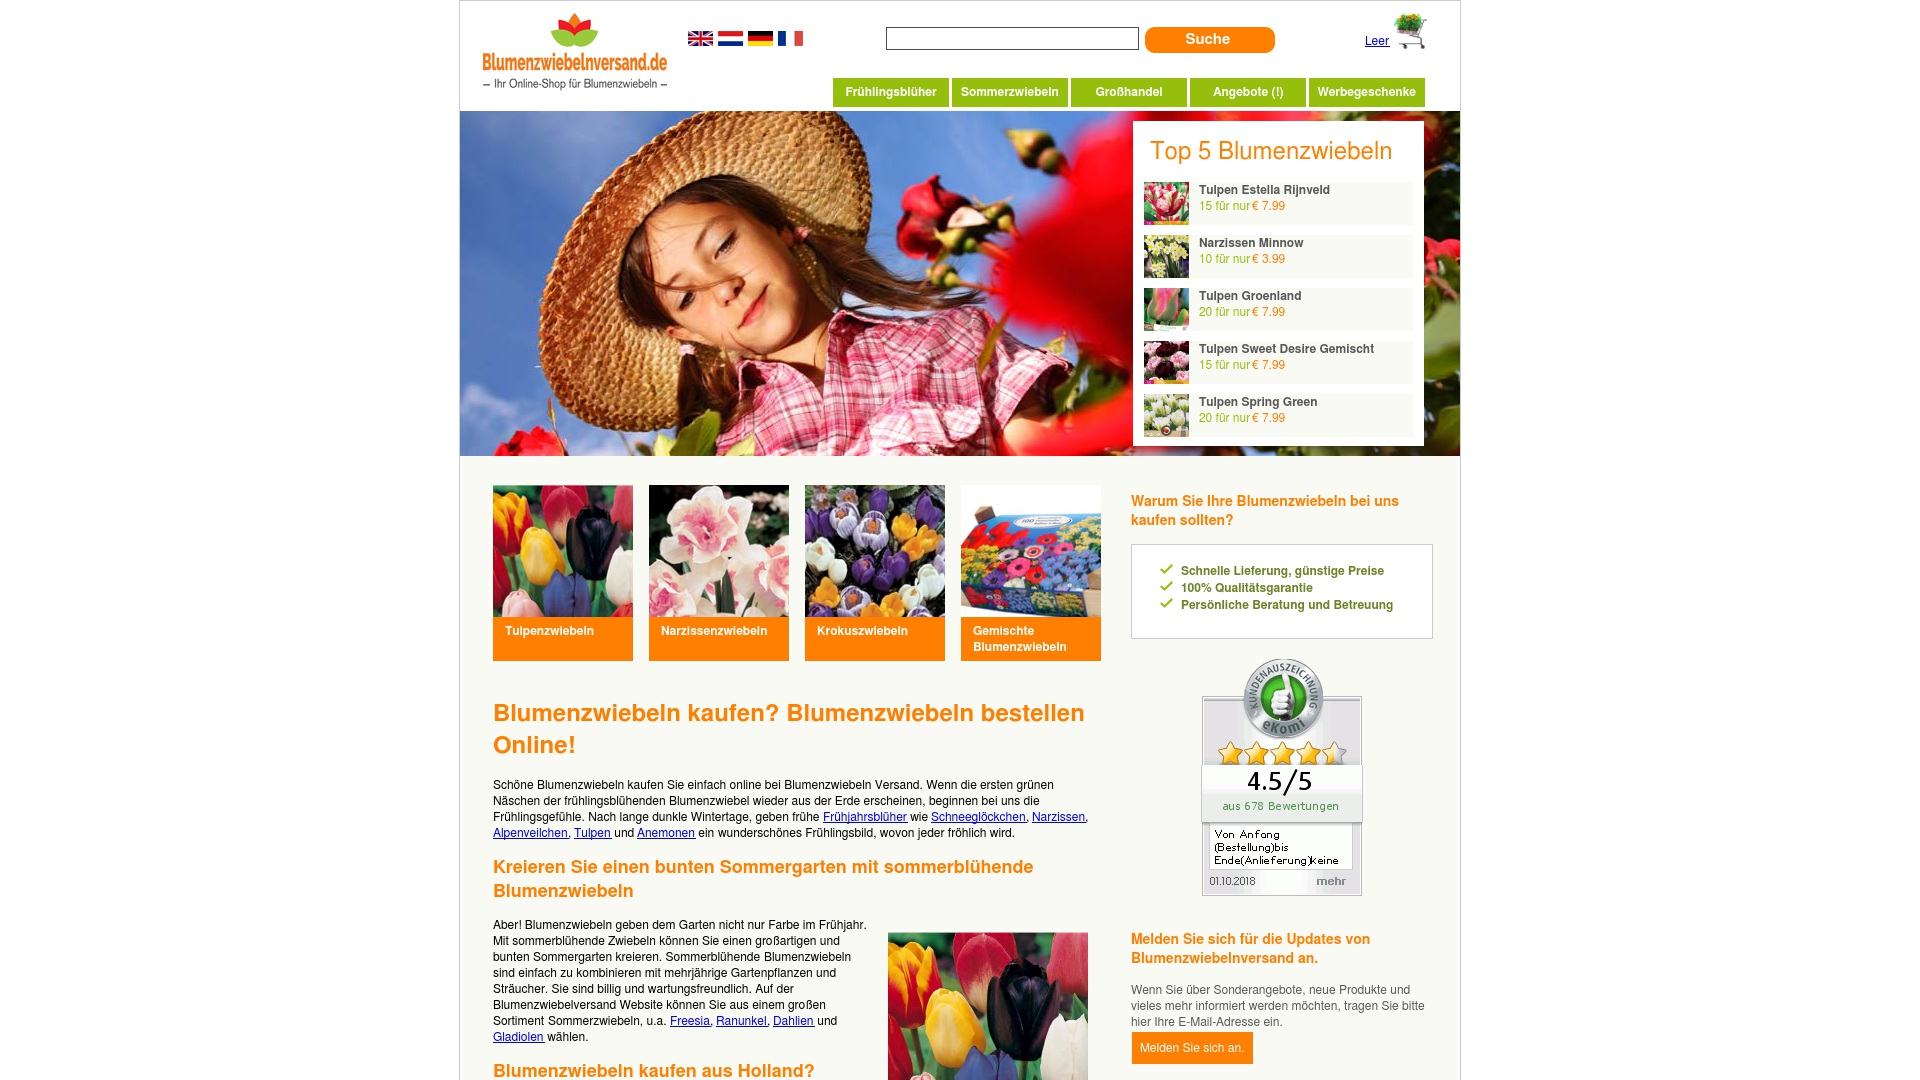 Gutschein für Blumenzwiebelnversand: Rabatte für  Blumenzwiebelnversand sichern